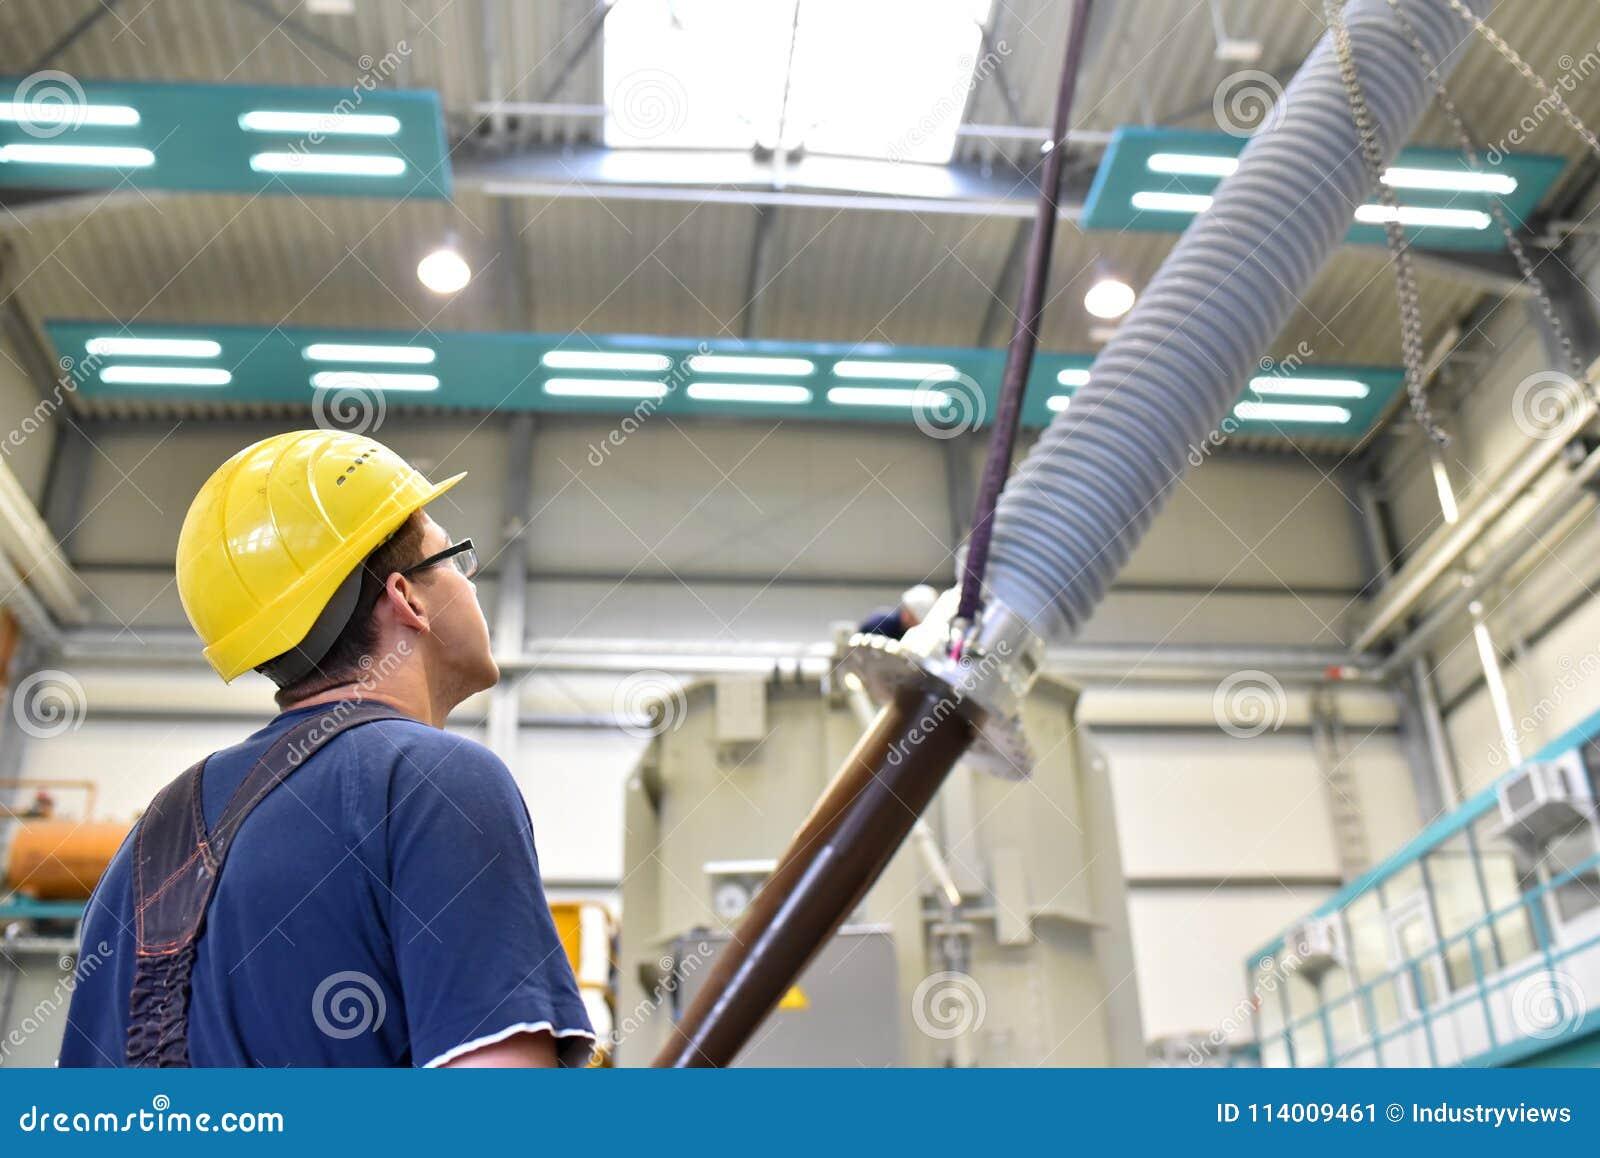 O operador instala um transformador em uma planta industrial em mechan